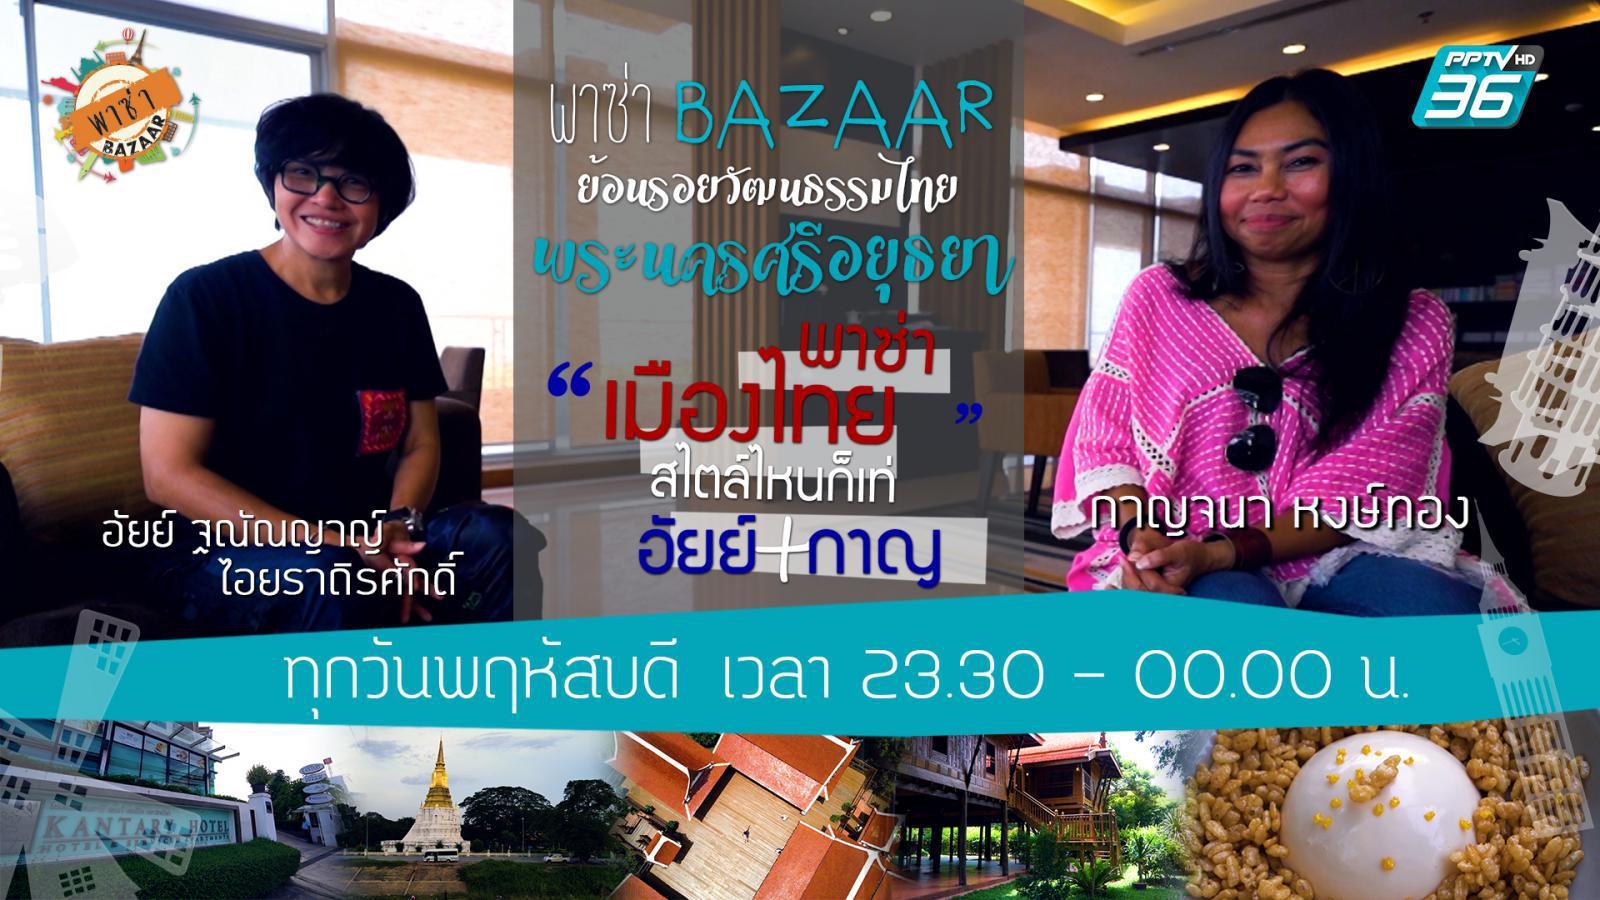 ย้อนรอยวัฒนธรรมไทย พระนครศรีอยุธยา